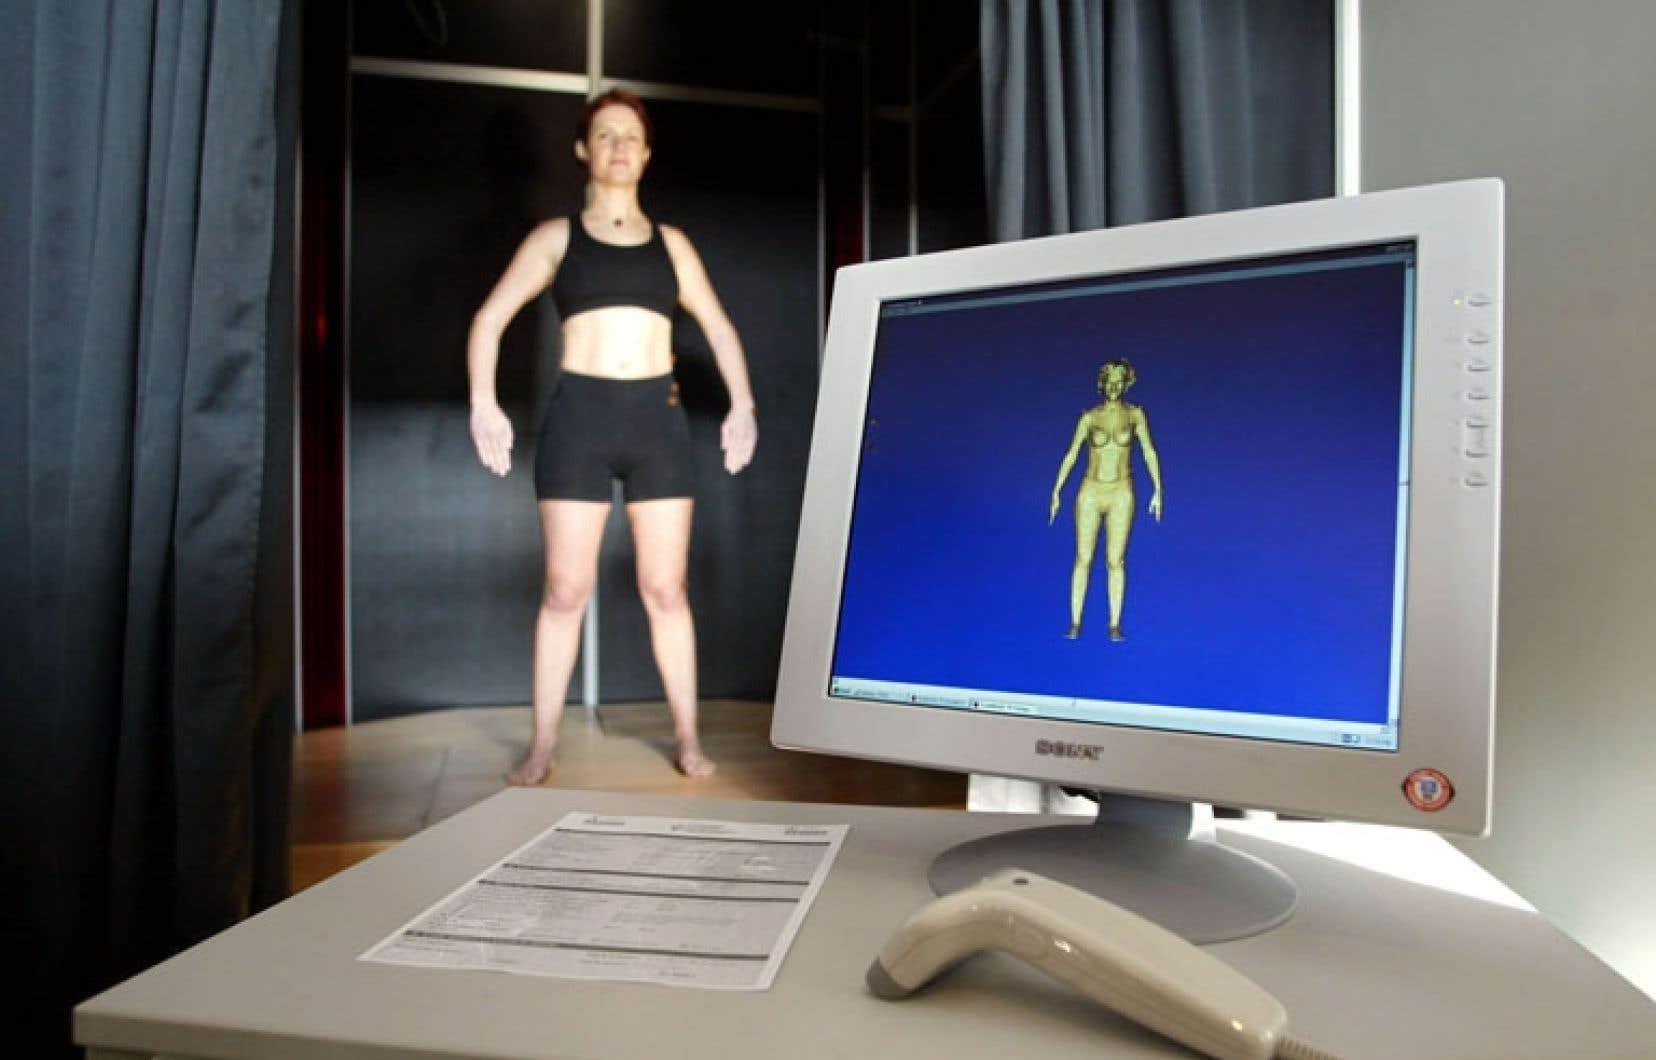 Les technologies numériques 3D sont utilisées par l'industrie du vêtement.